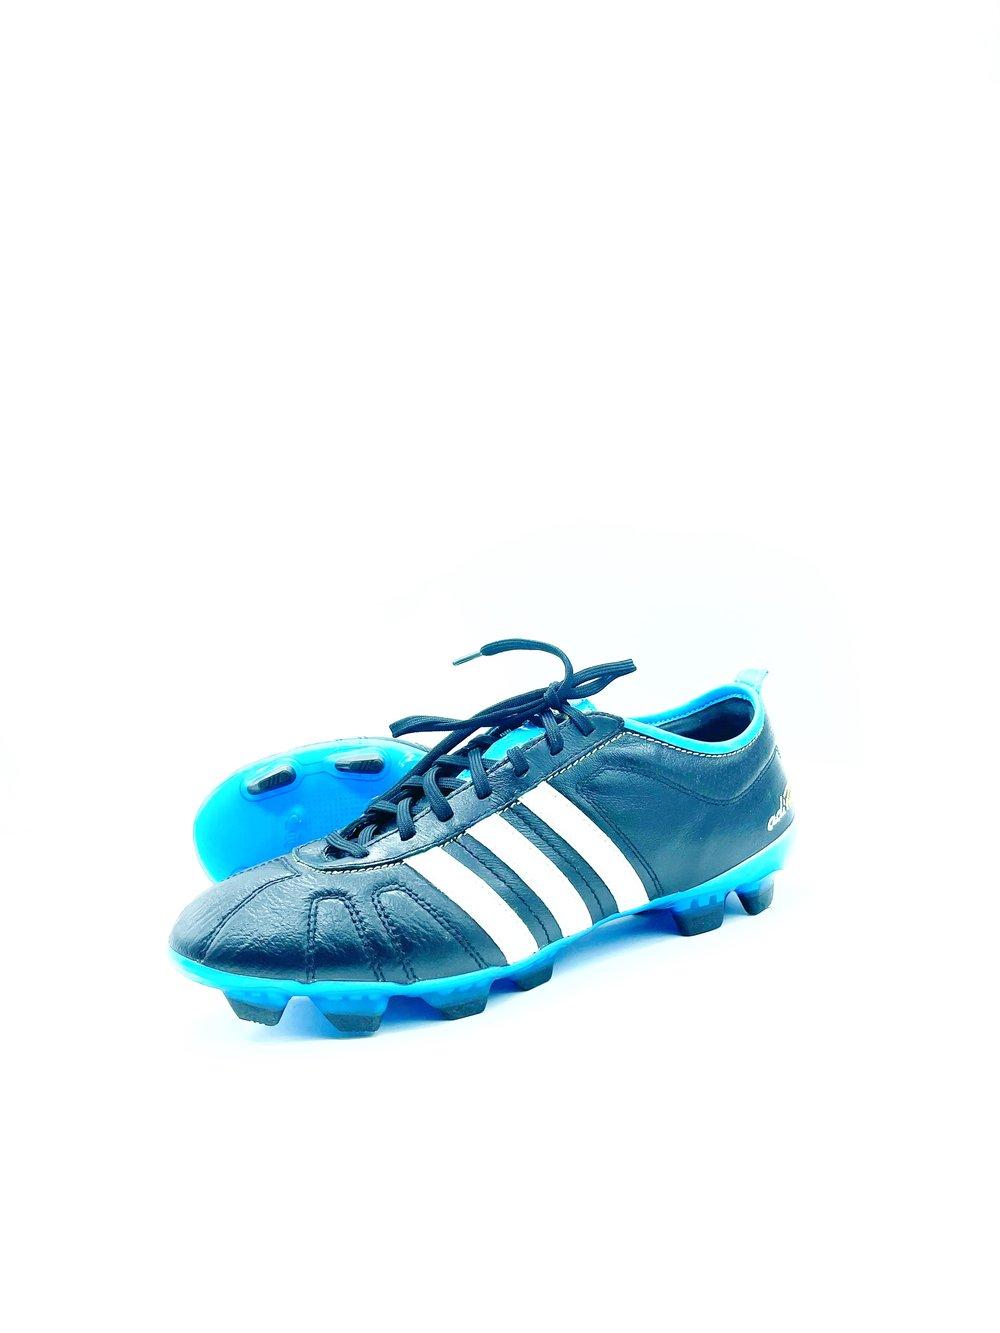 Image of Adidas adipure IV FG BLACK blue